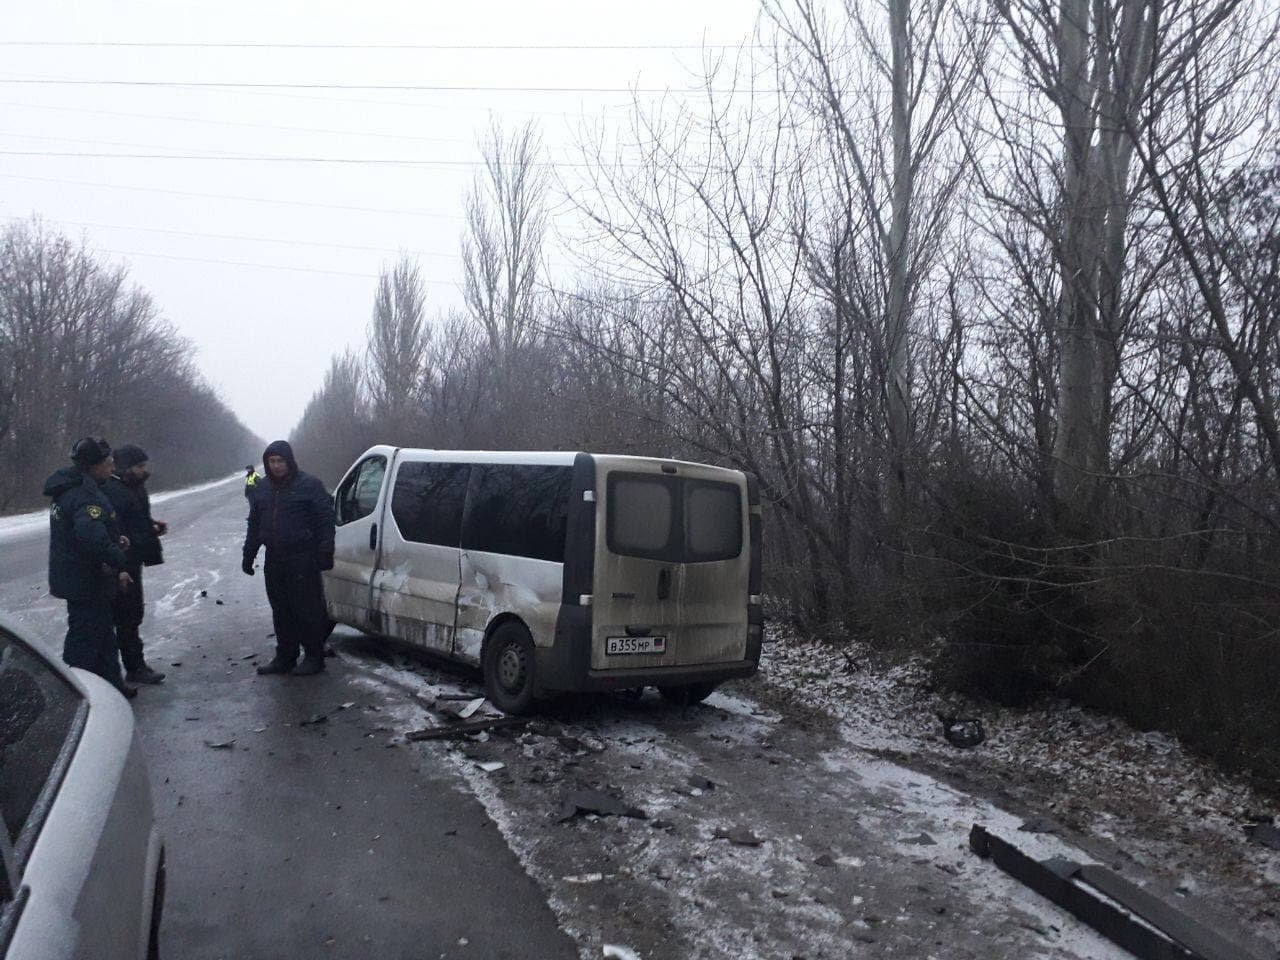 В Макеевке произошло лобовое столкновение микроавтобуса и «Опеля»: пострадали шесть человек, - ФОТО, фото-1